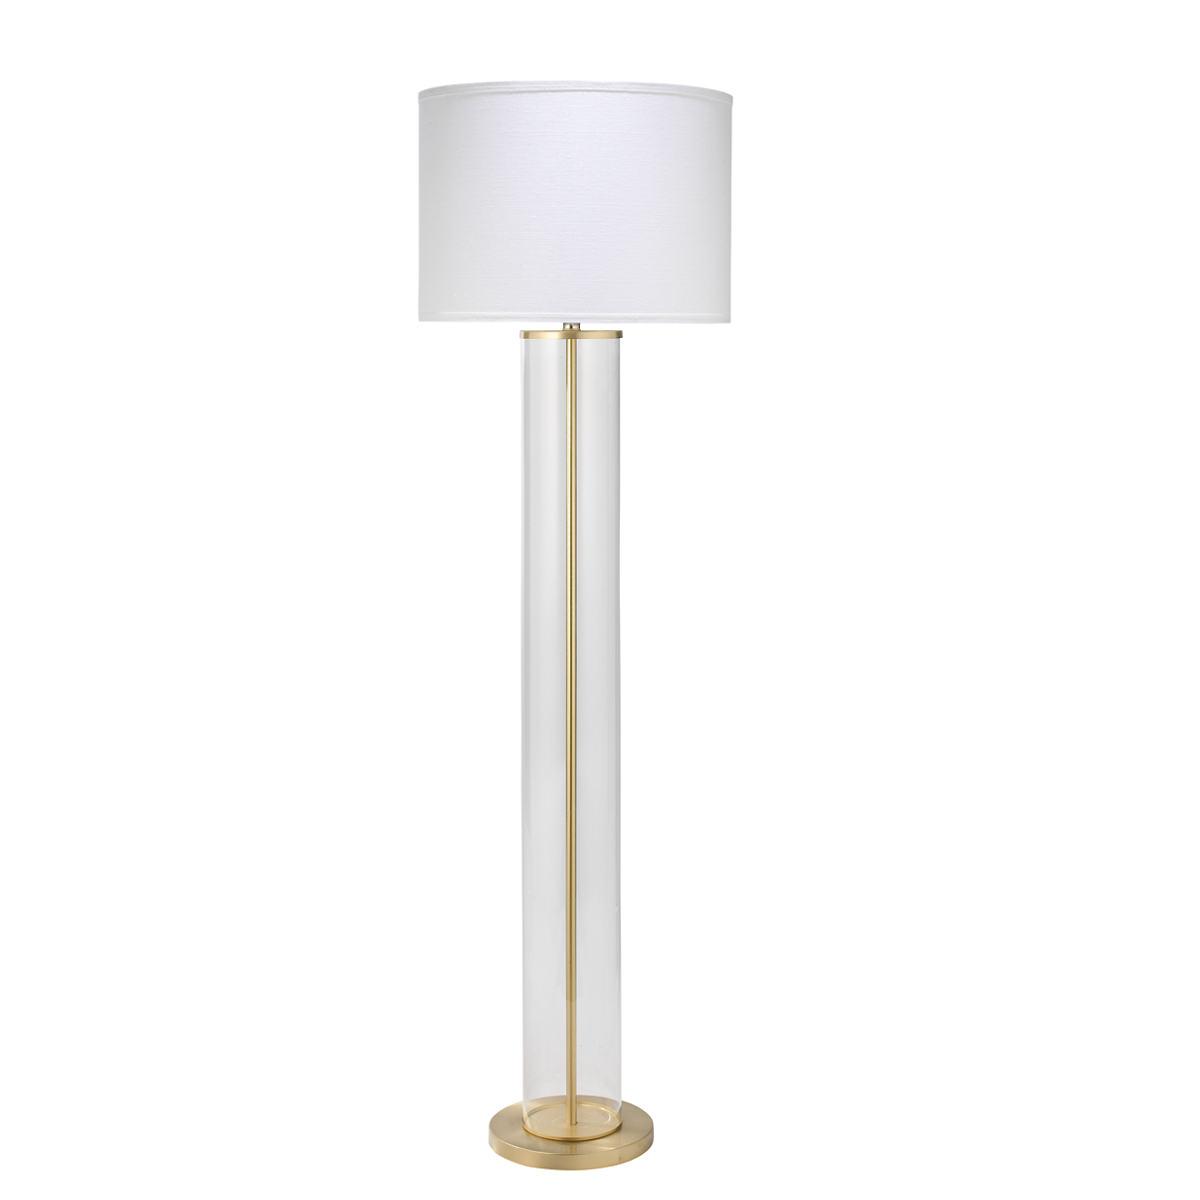 Brass Rockefeller Floor Lamp